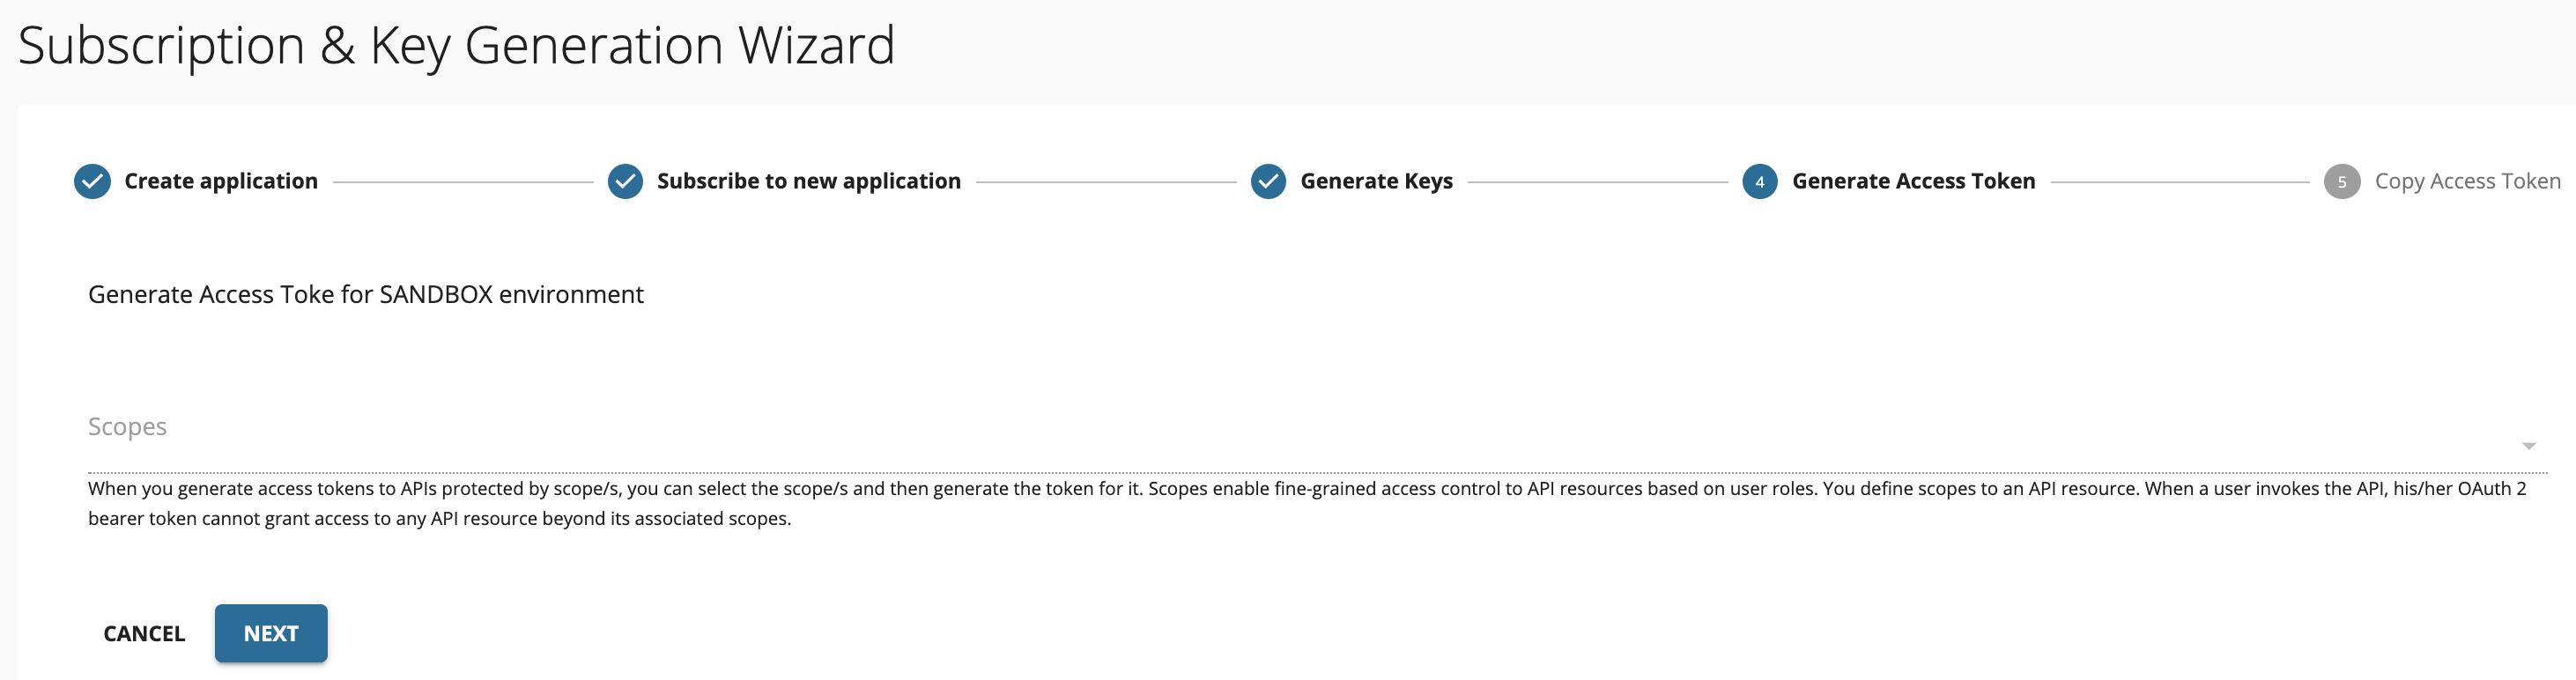 Wizard - Generate Access Token